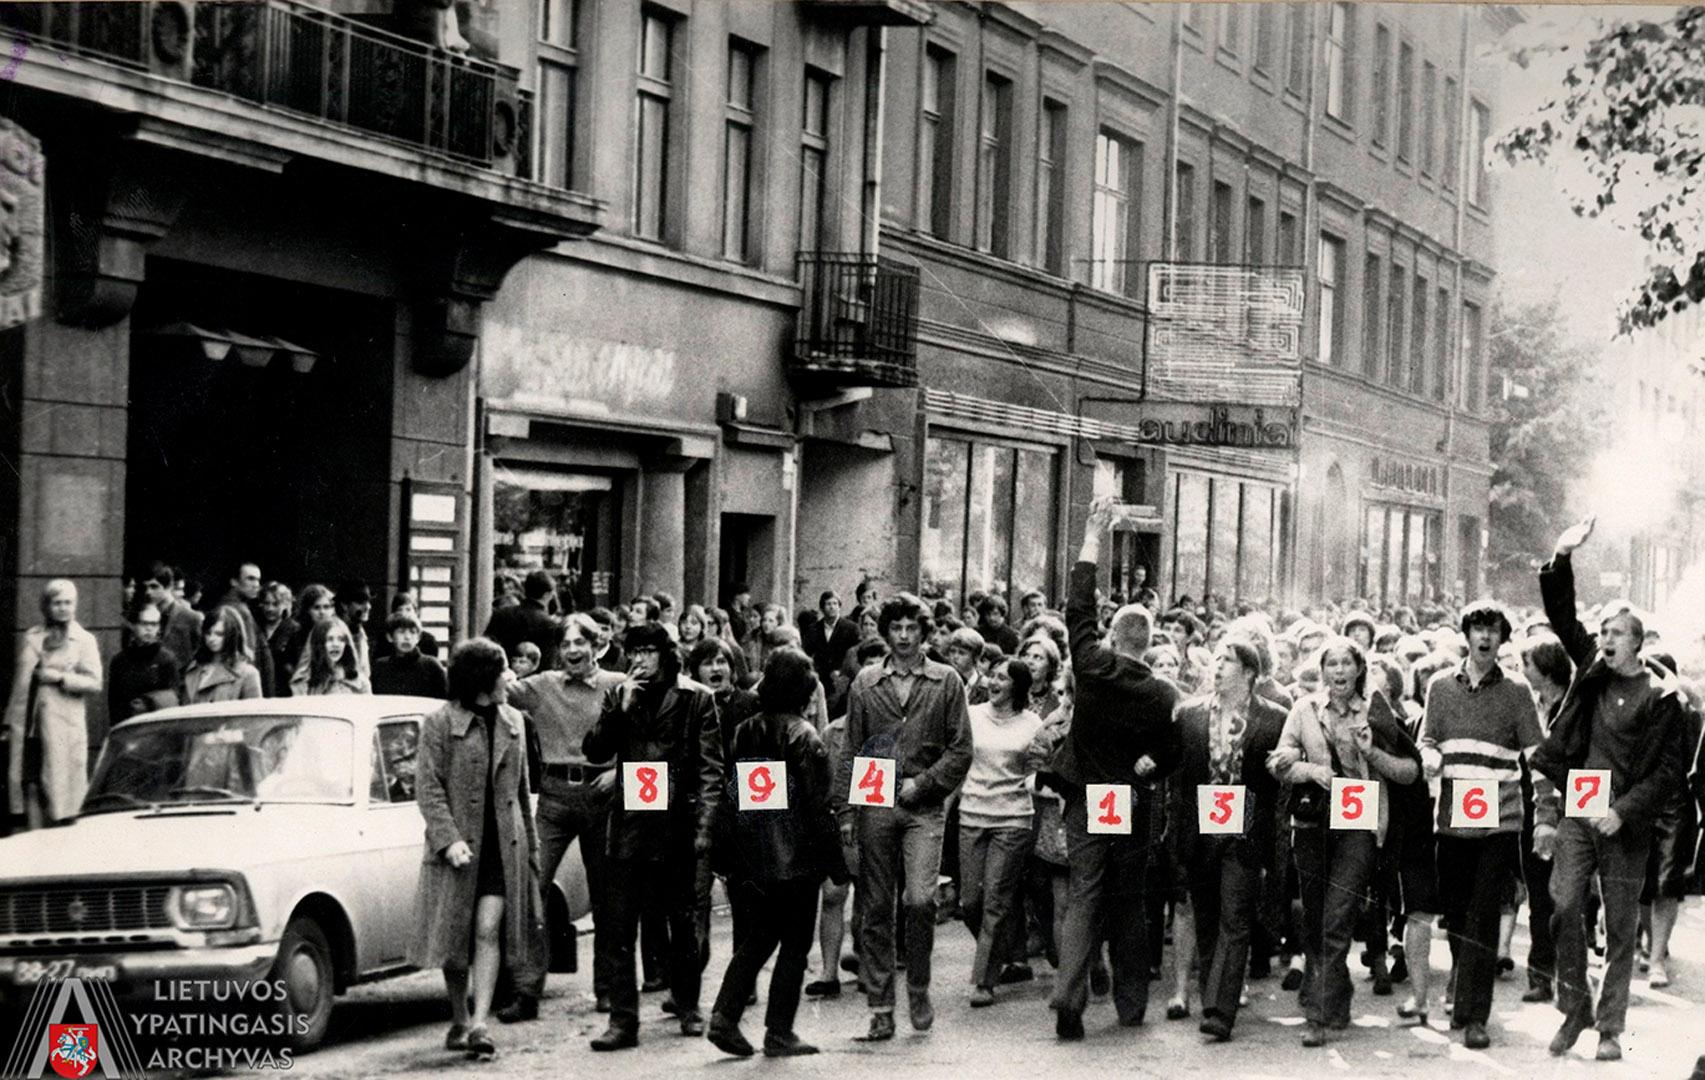 Eitynės Laisvės alėja. 1972 m. gegužės 18 d. Nr. 1 pažymėtas Vytautas Kaladė. Lietuvos ypatingasis archyvas, f. K-1, ap. 58, b. 476 44/3, t. 1, l. 90